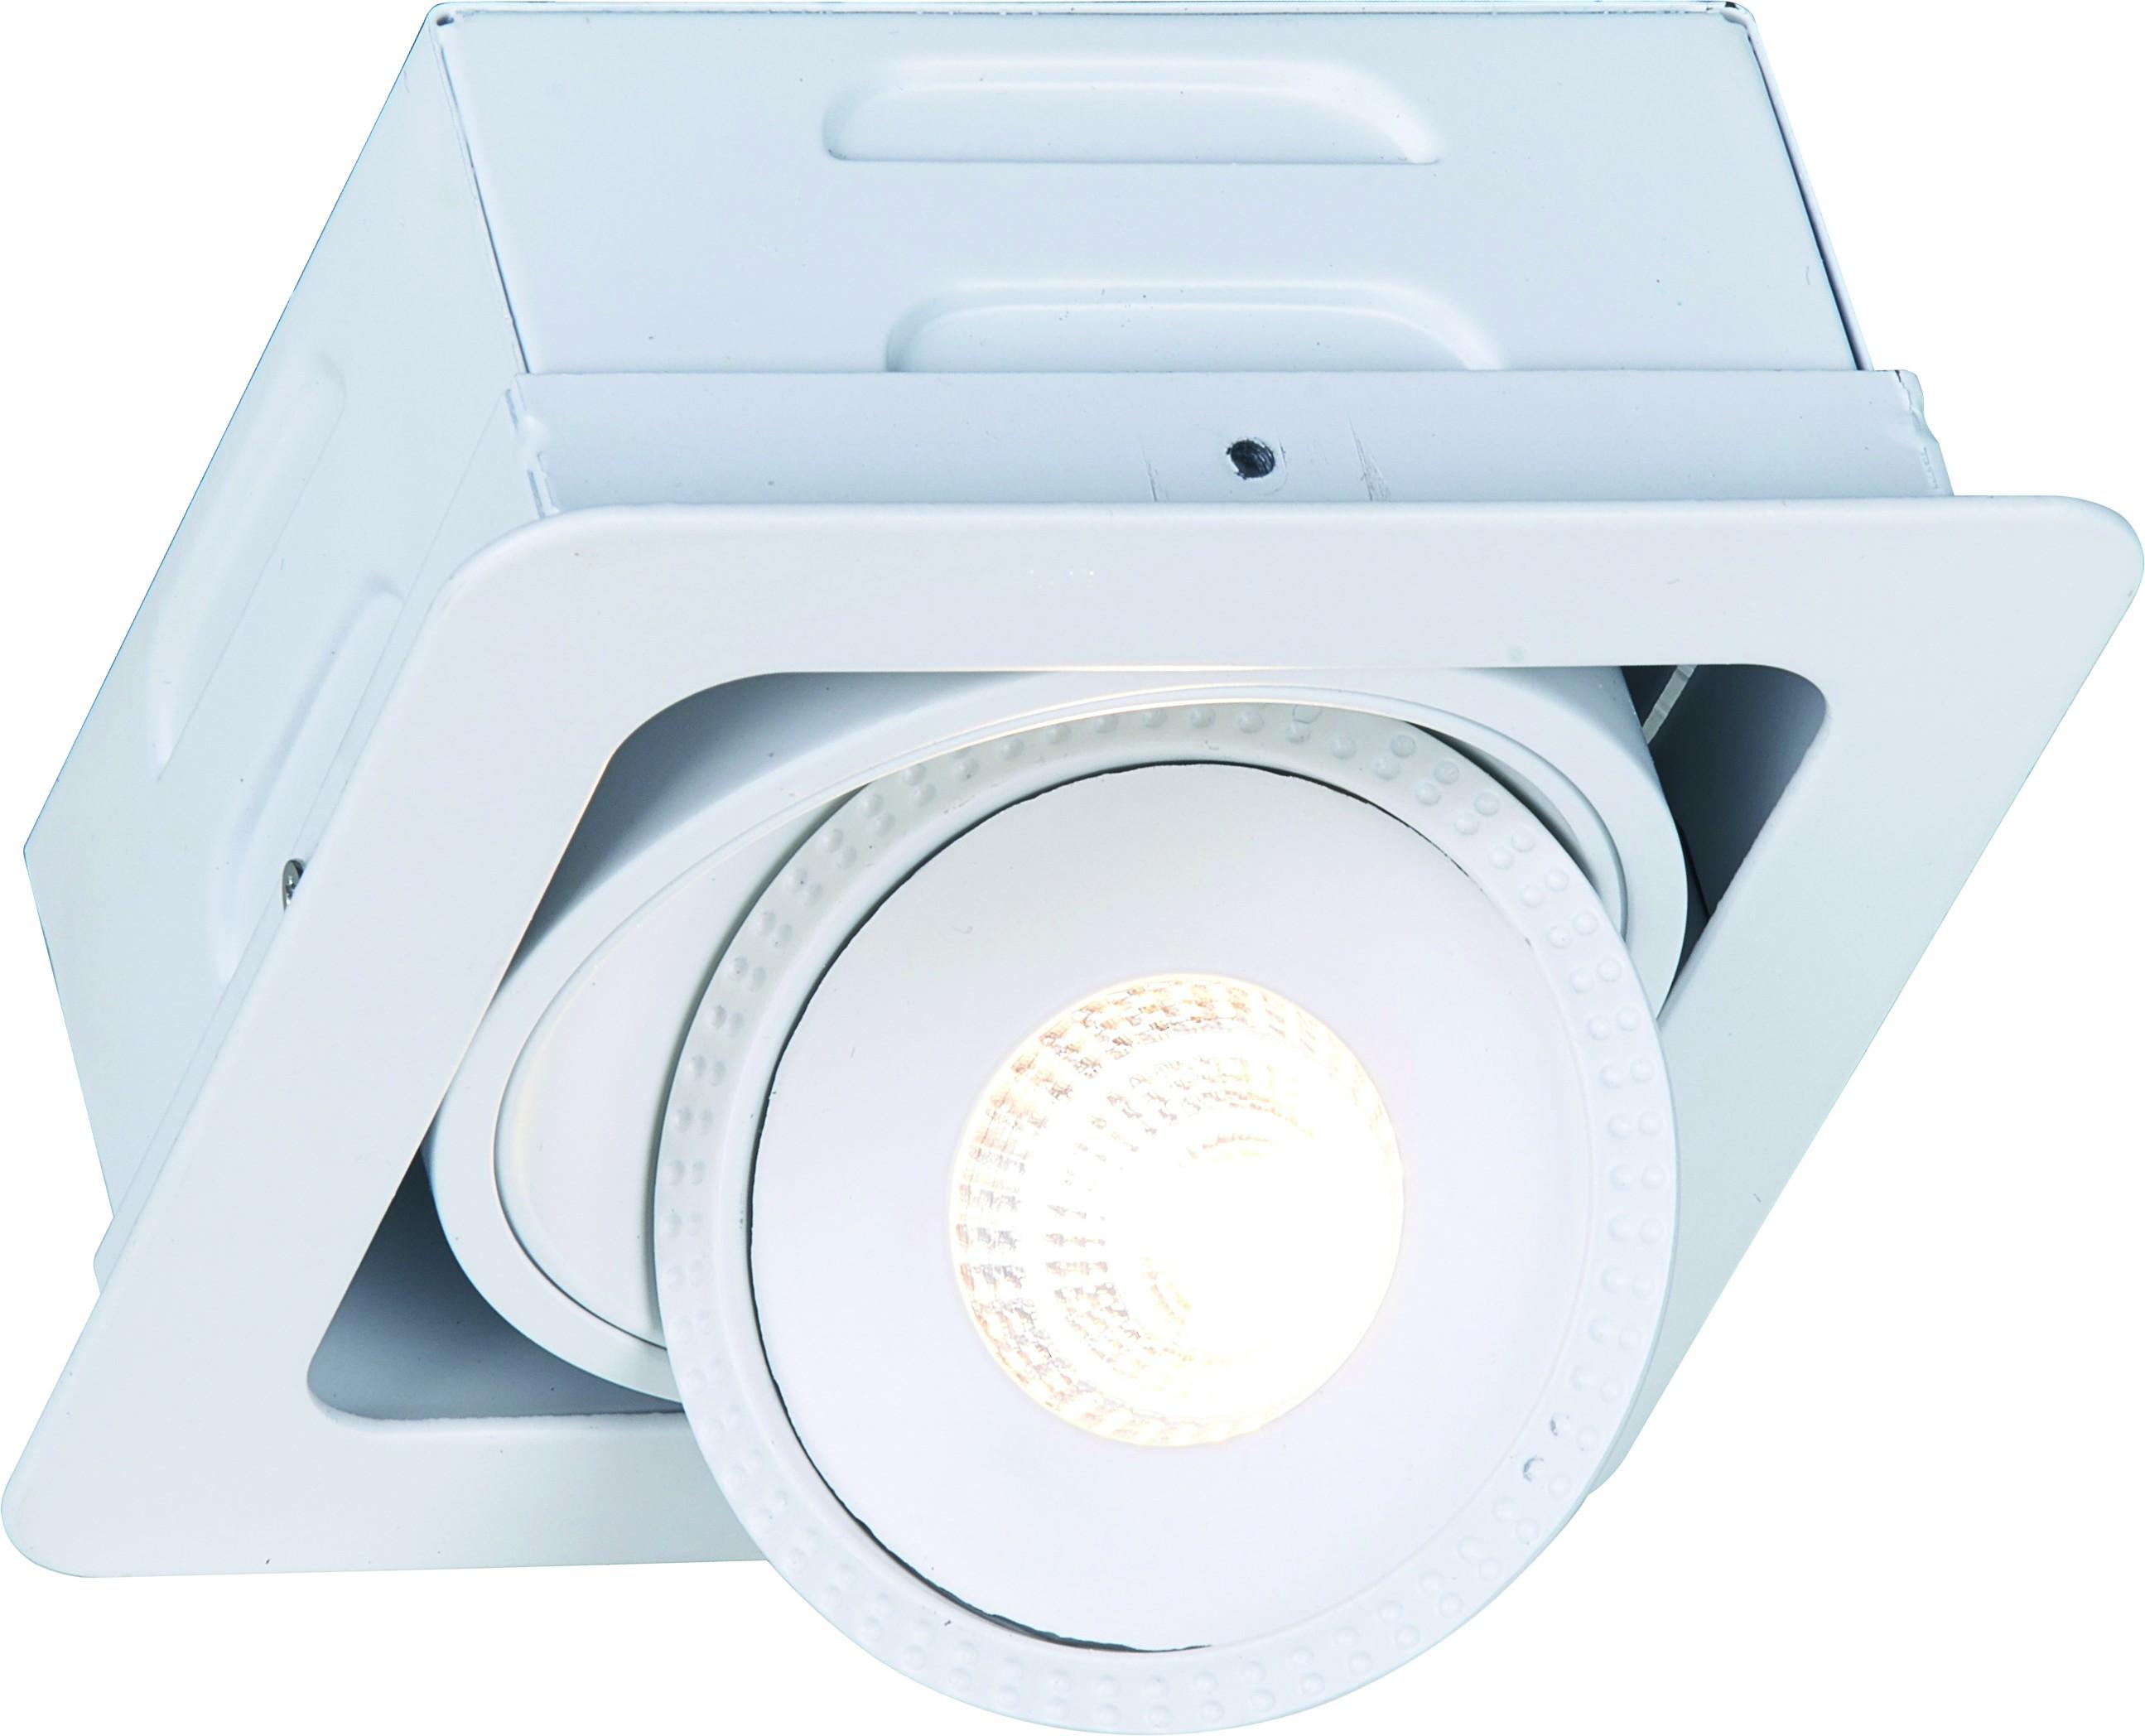 Светильник встраиваемый Arte lamp A3007pl-1wh arte lamp встраиваемый светодиодный светильник arte lamp studio a3007pl 1wh